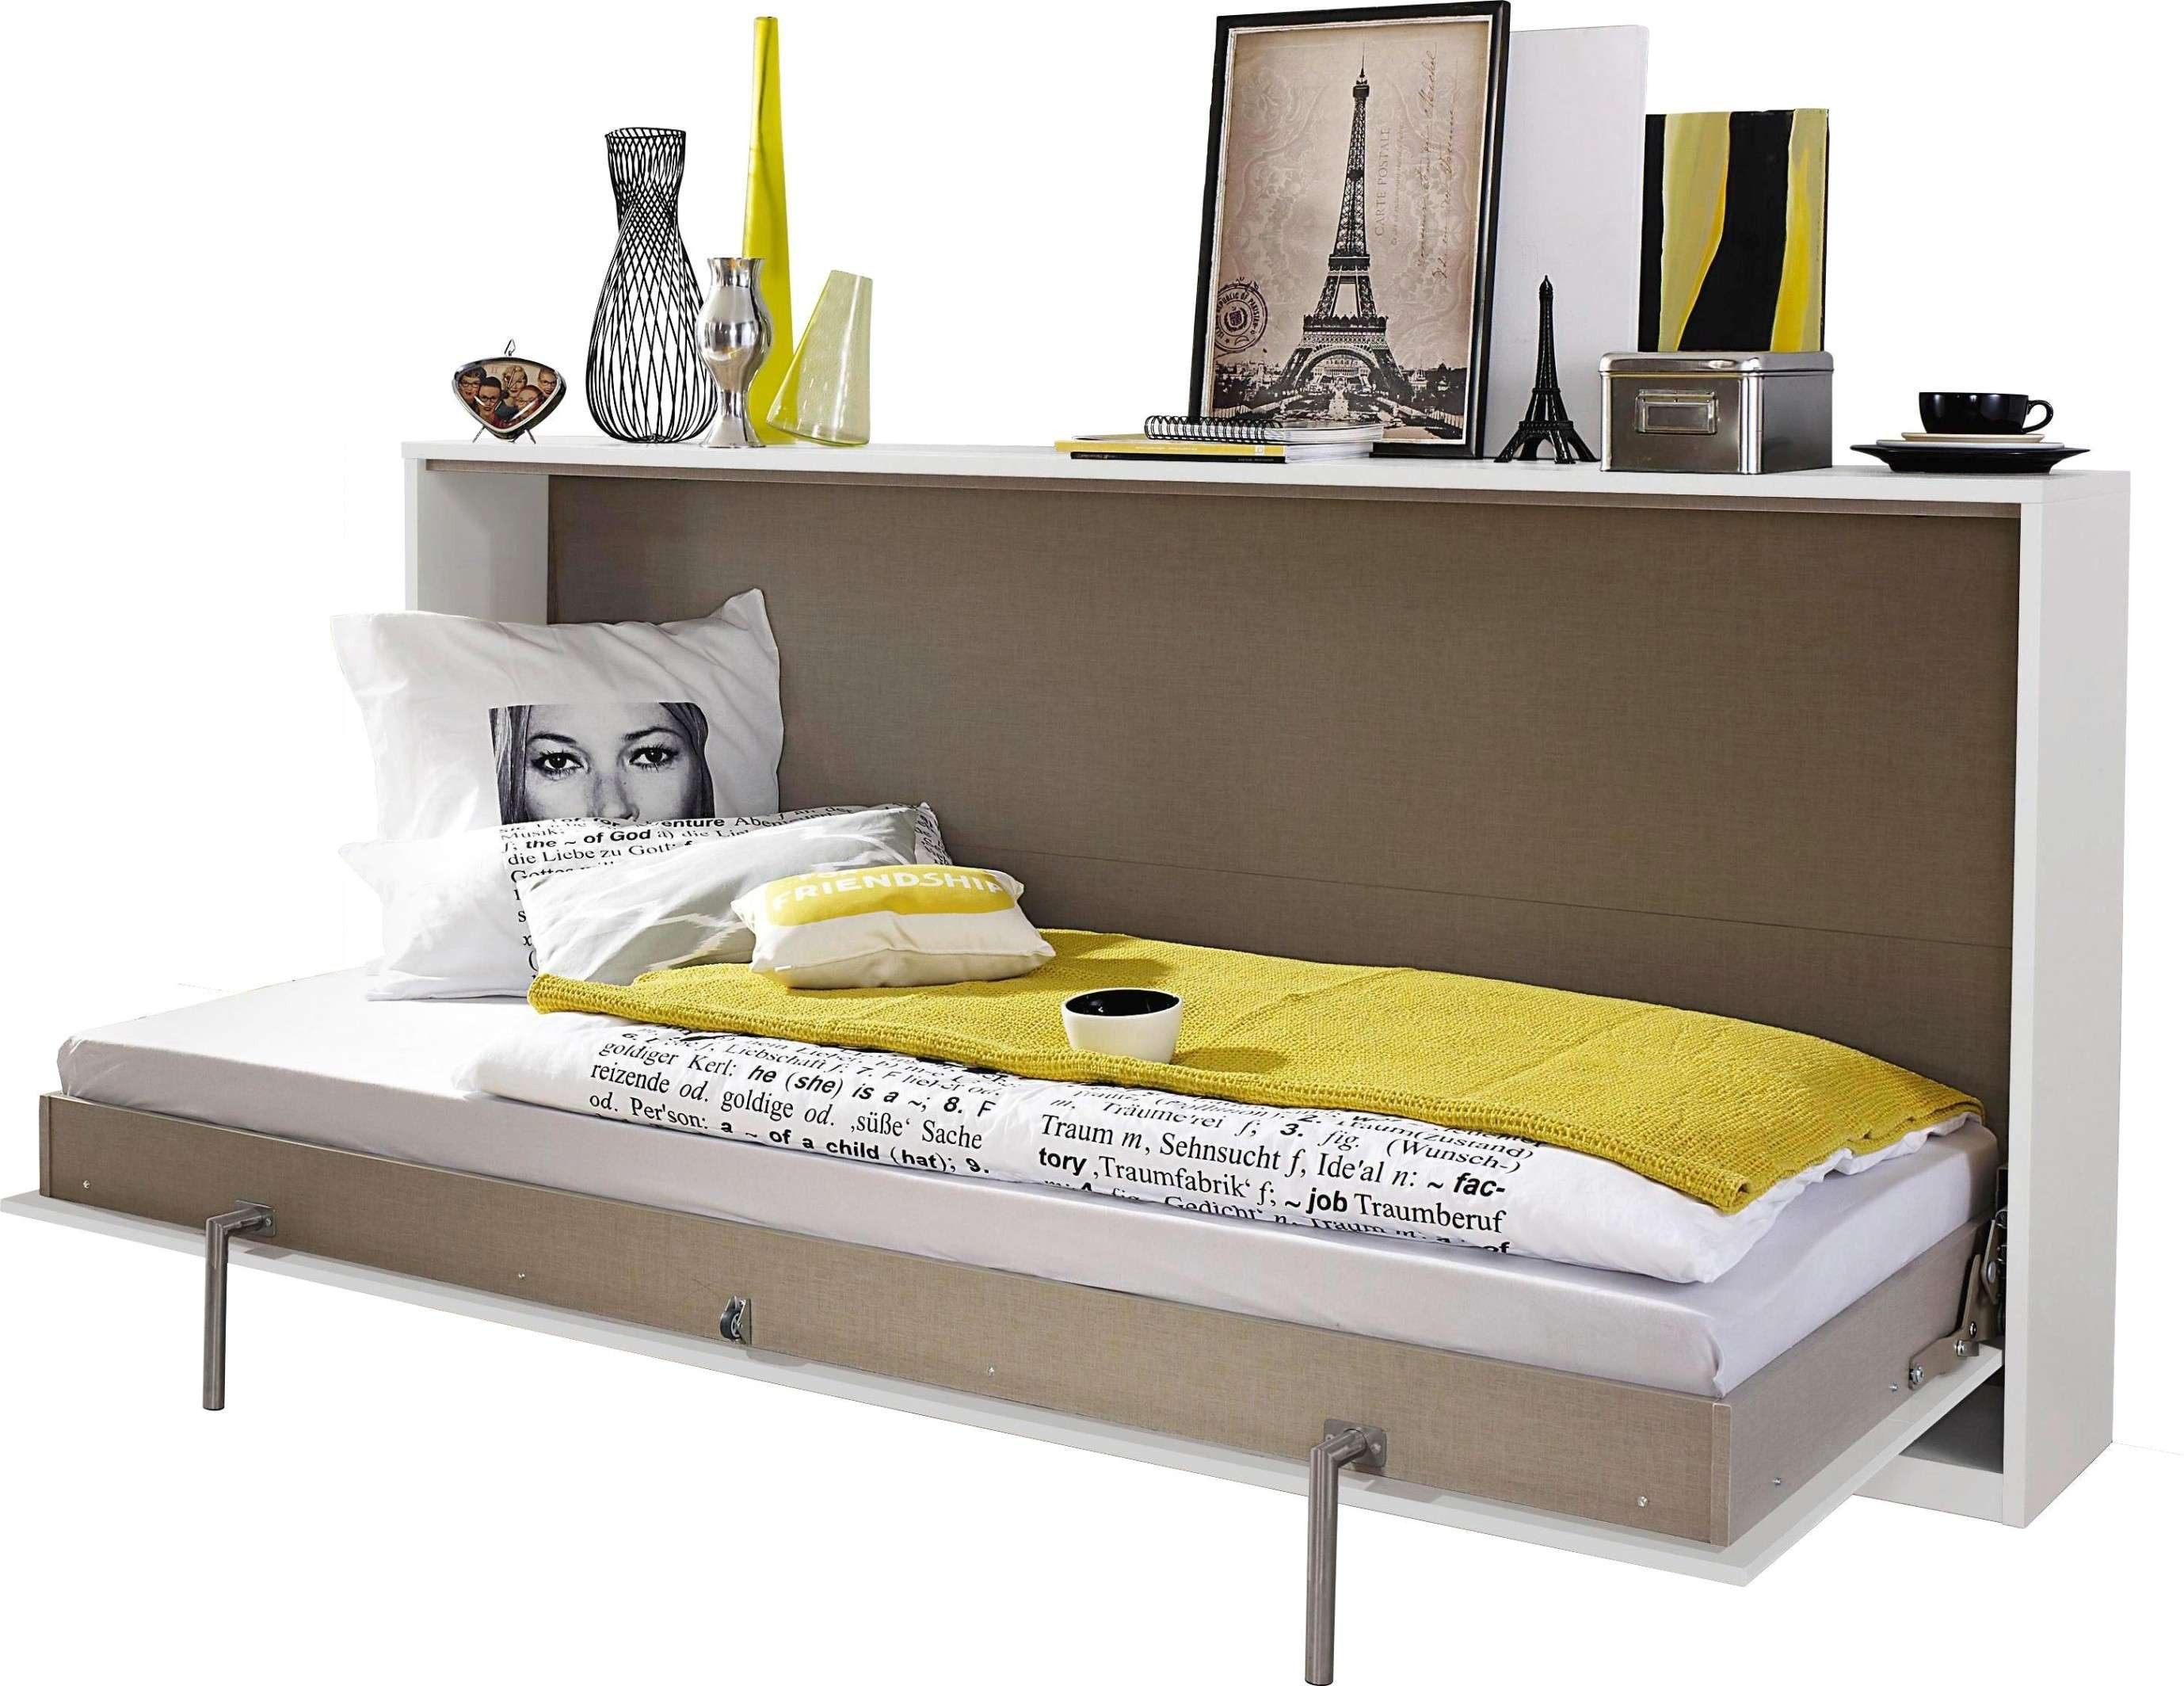 Tete De Lit Ikea Mandal Inspiré Tete De Lit Tissu Ikea Ikea Tete De Lit 140 Ikea Lit Mandal Perfect